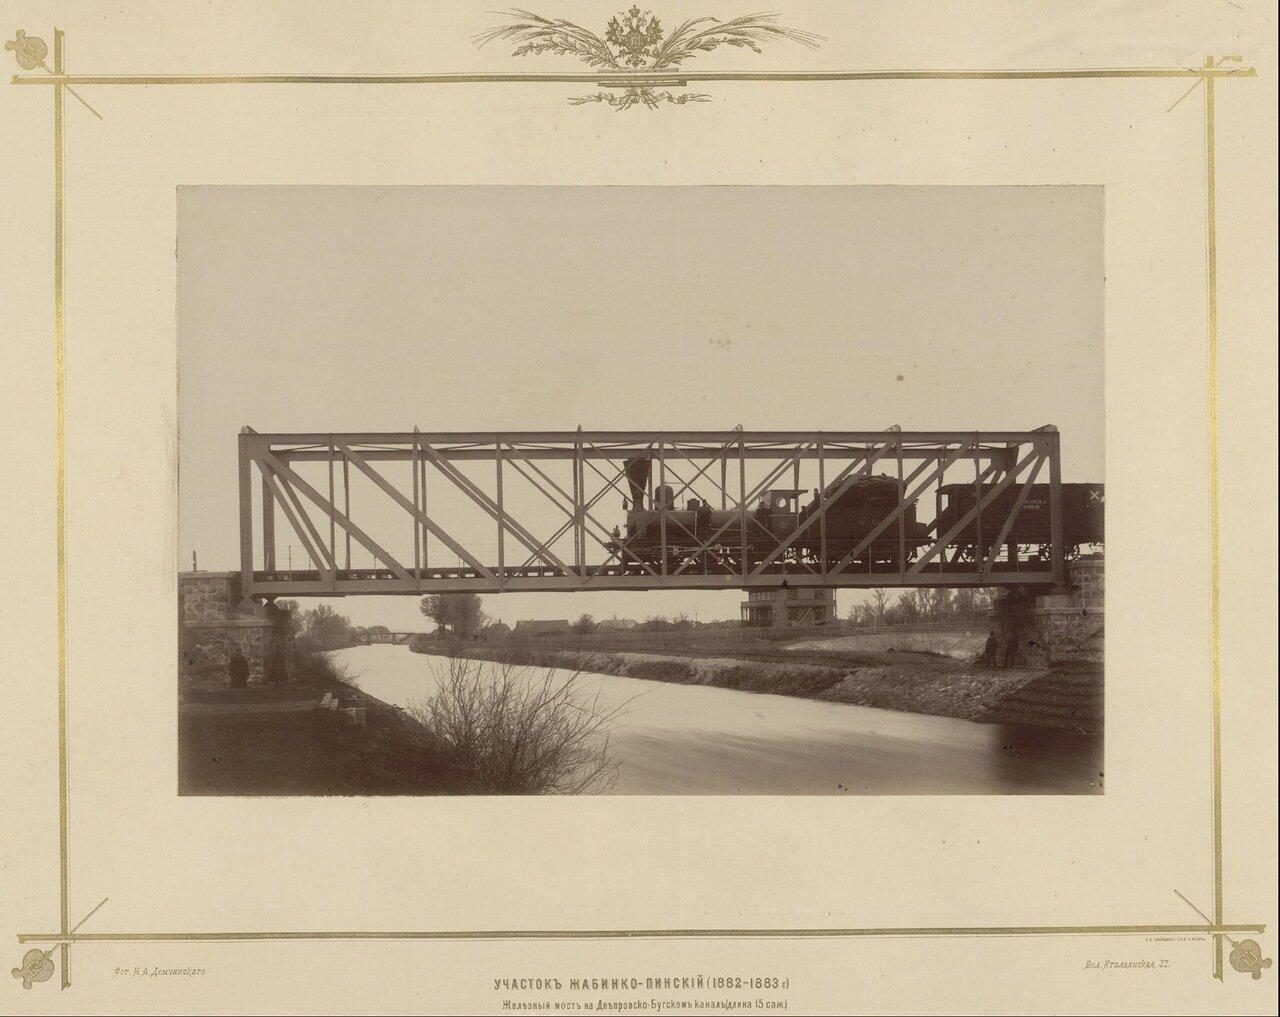 Участок Жабинко-Пинский (1882 - 1883г.) Железный мост на Днепровско-Бугском канале.1880-е.